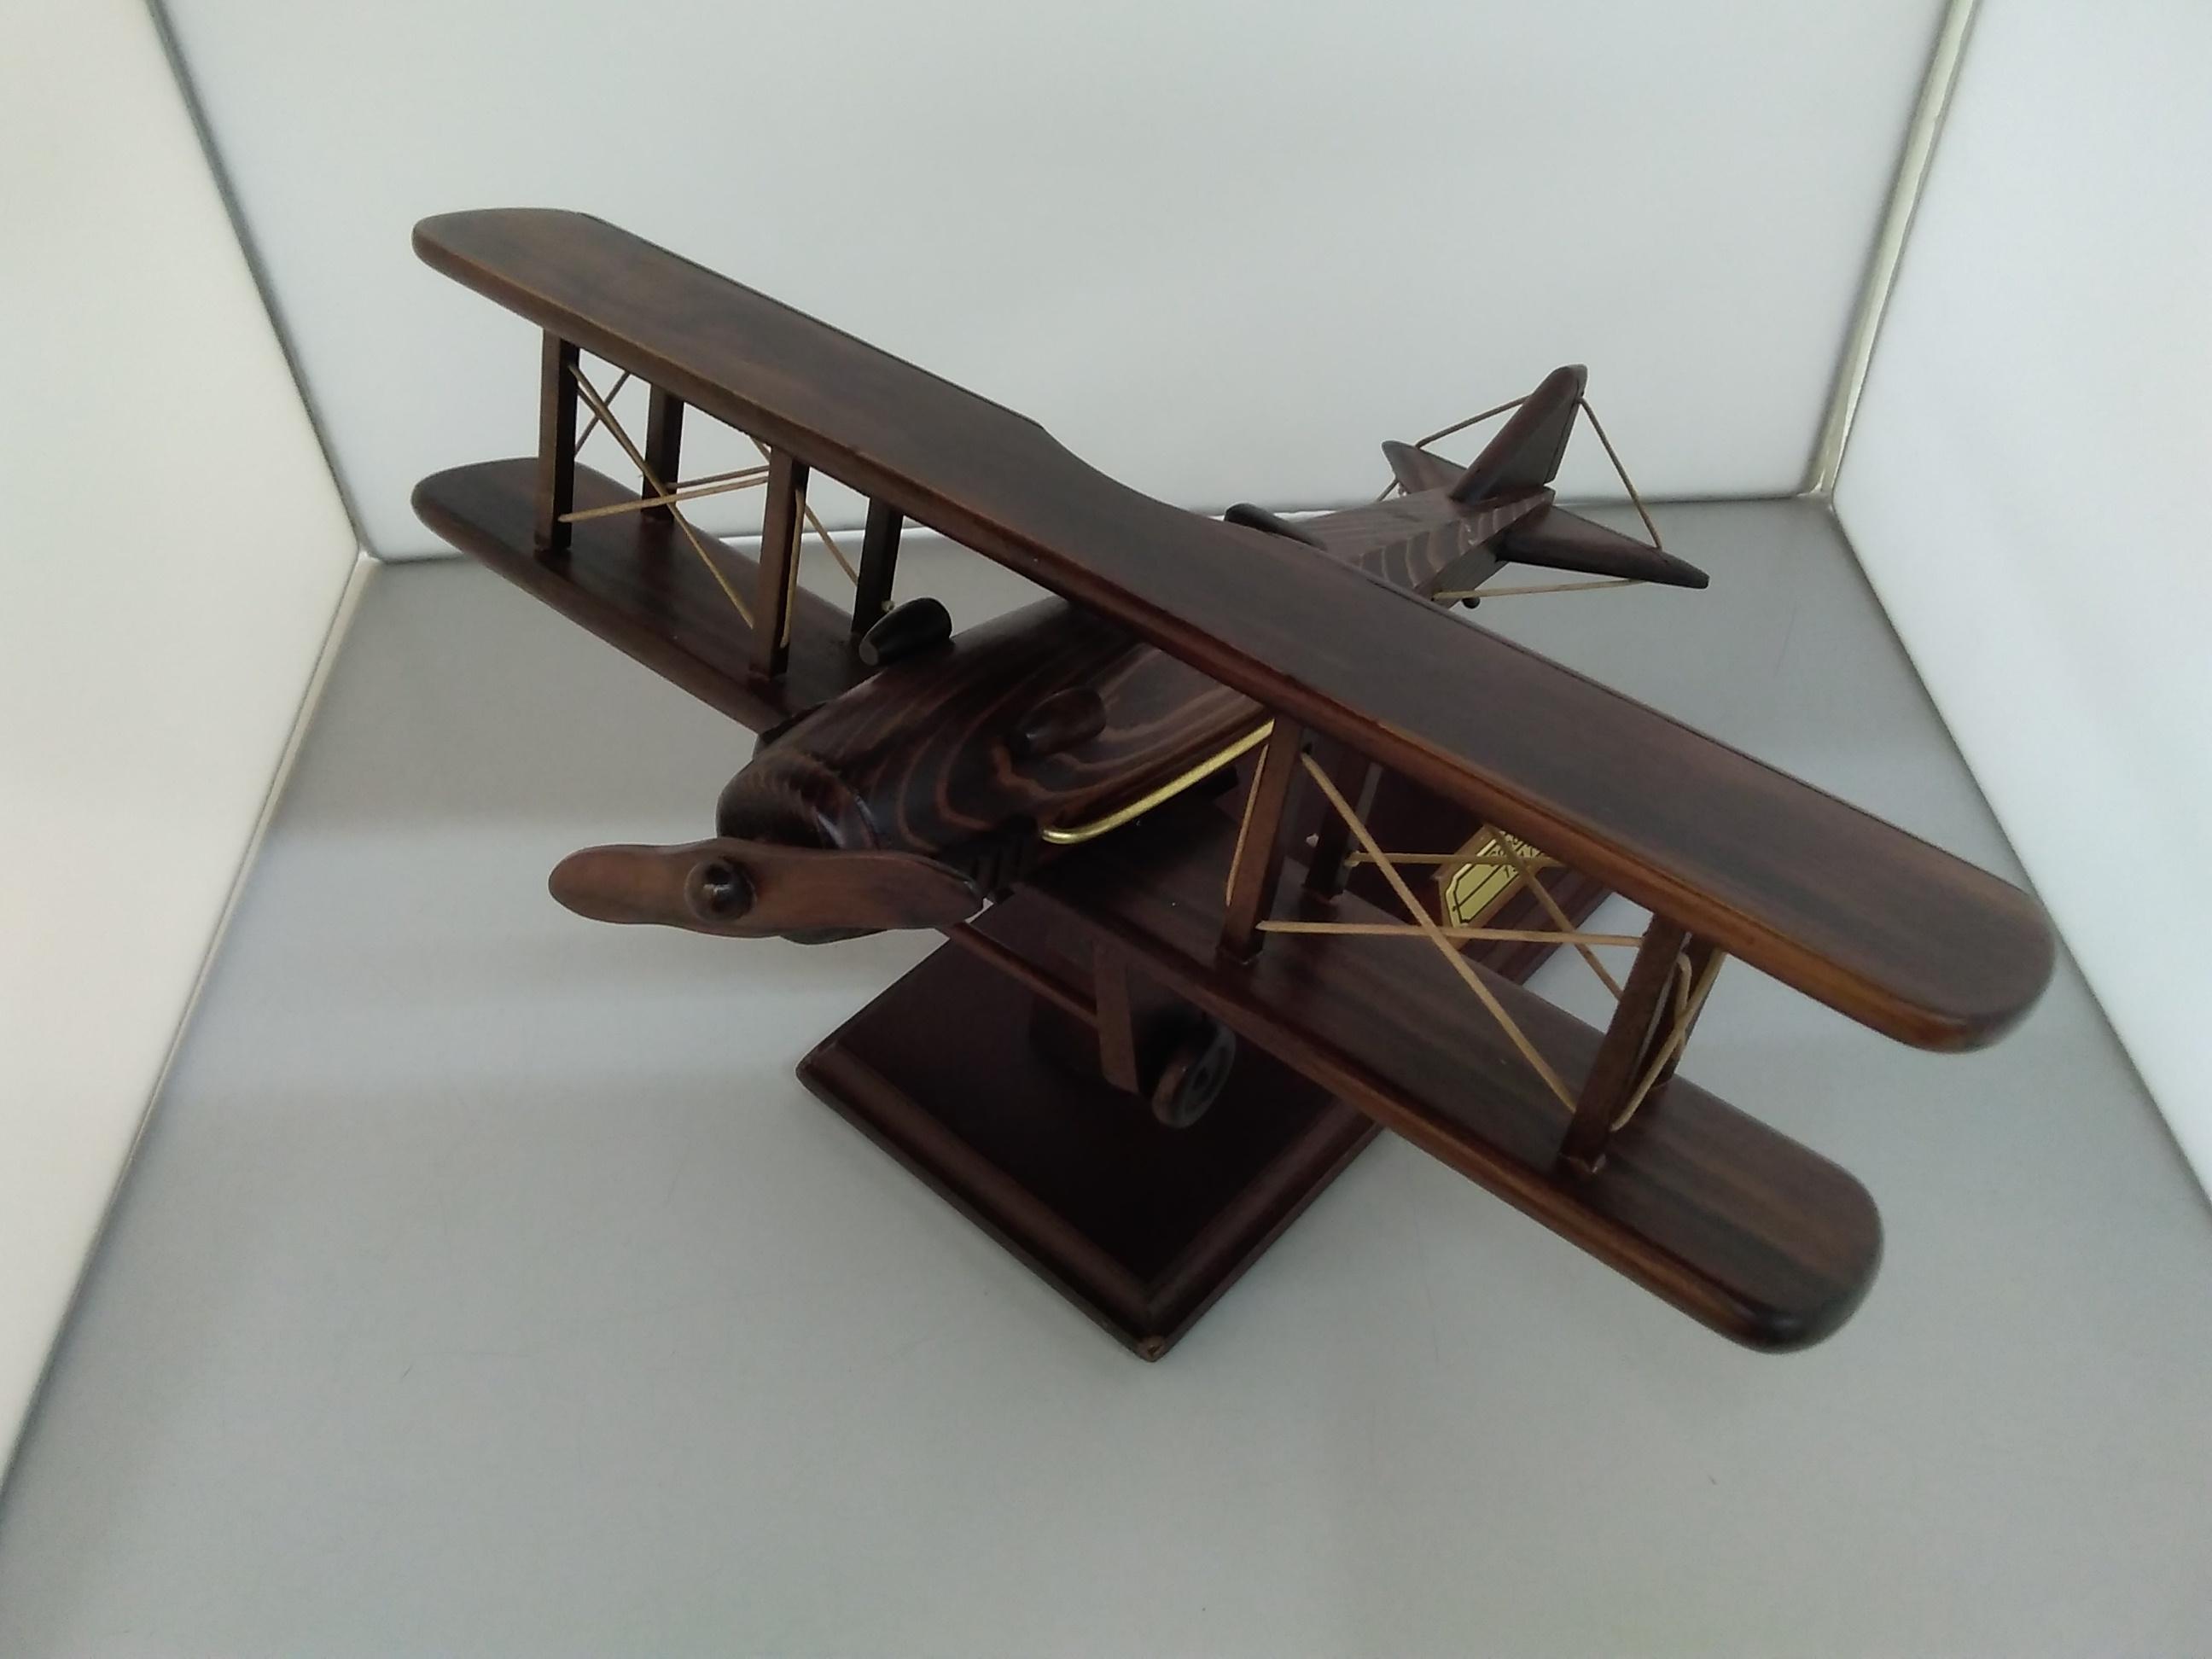 【模型】SPAD13複翼戦闘機【木製】|不明